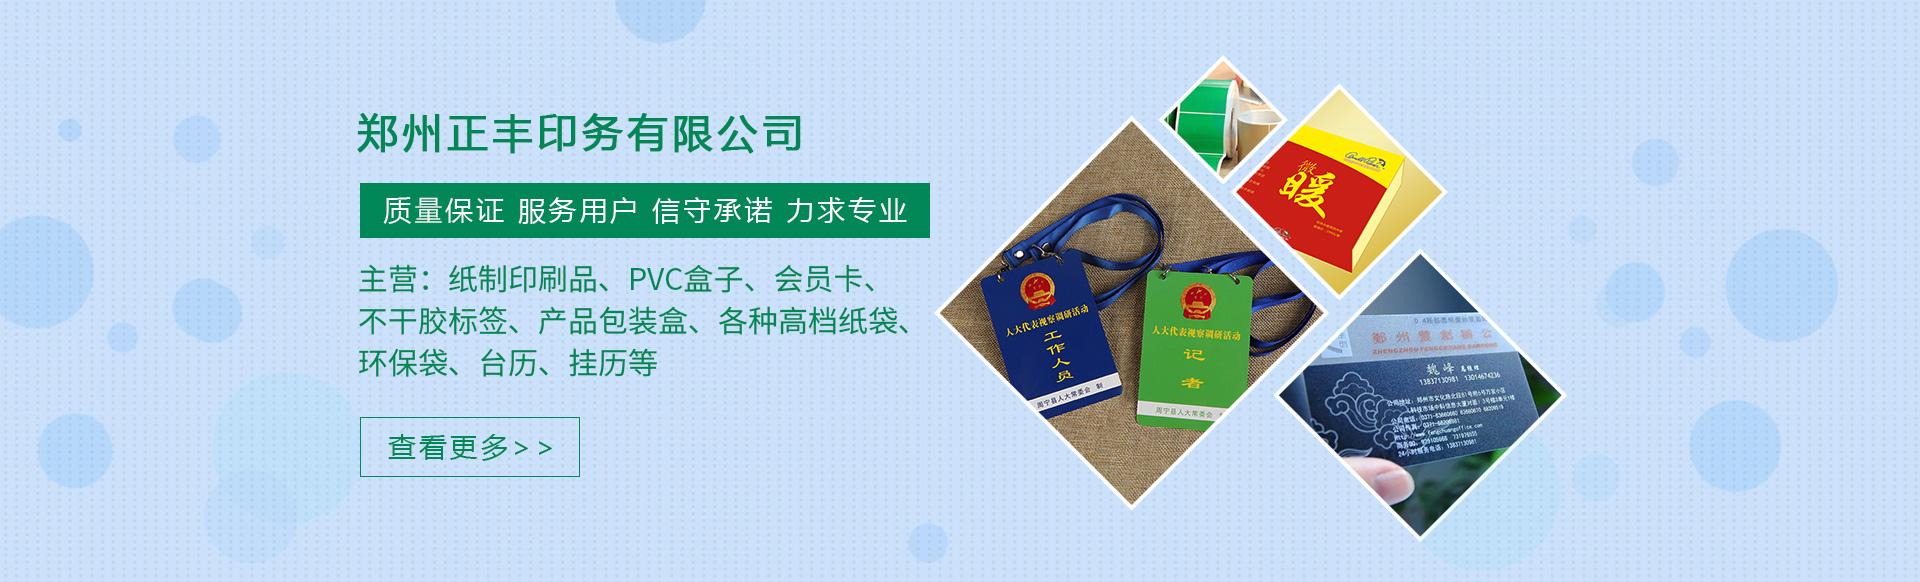 郑州会员卡制作